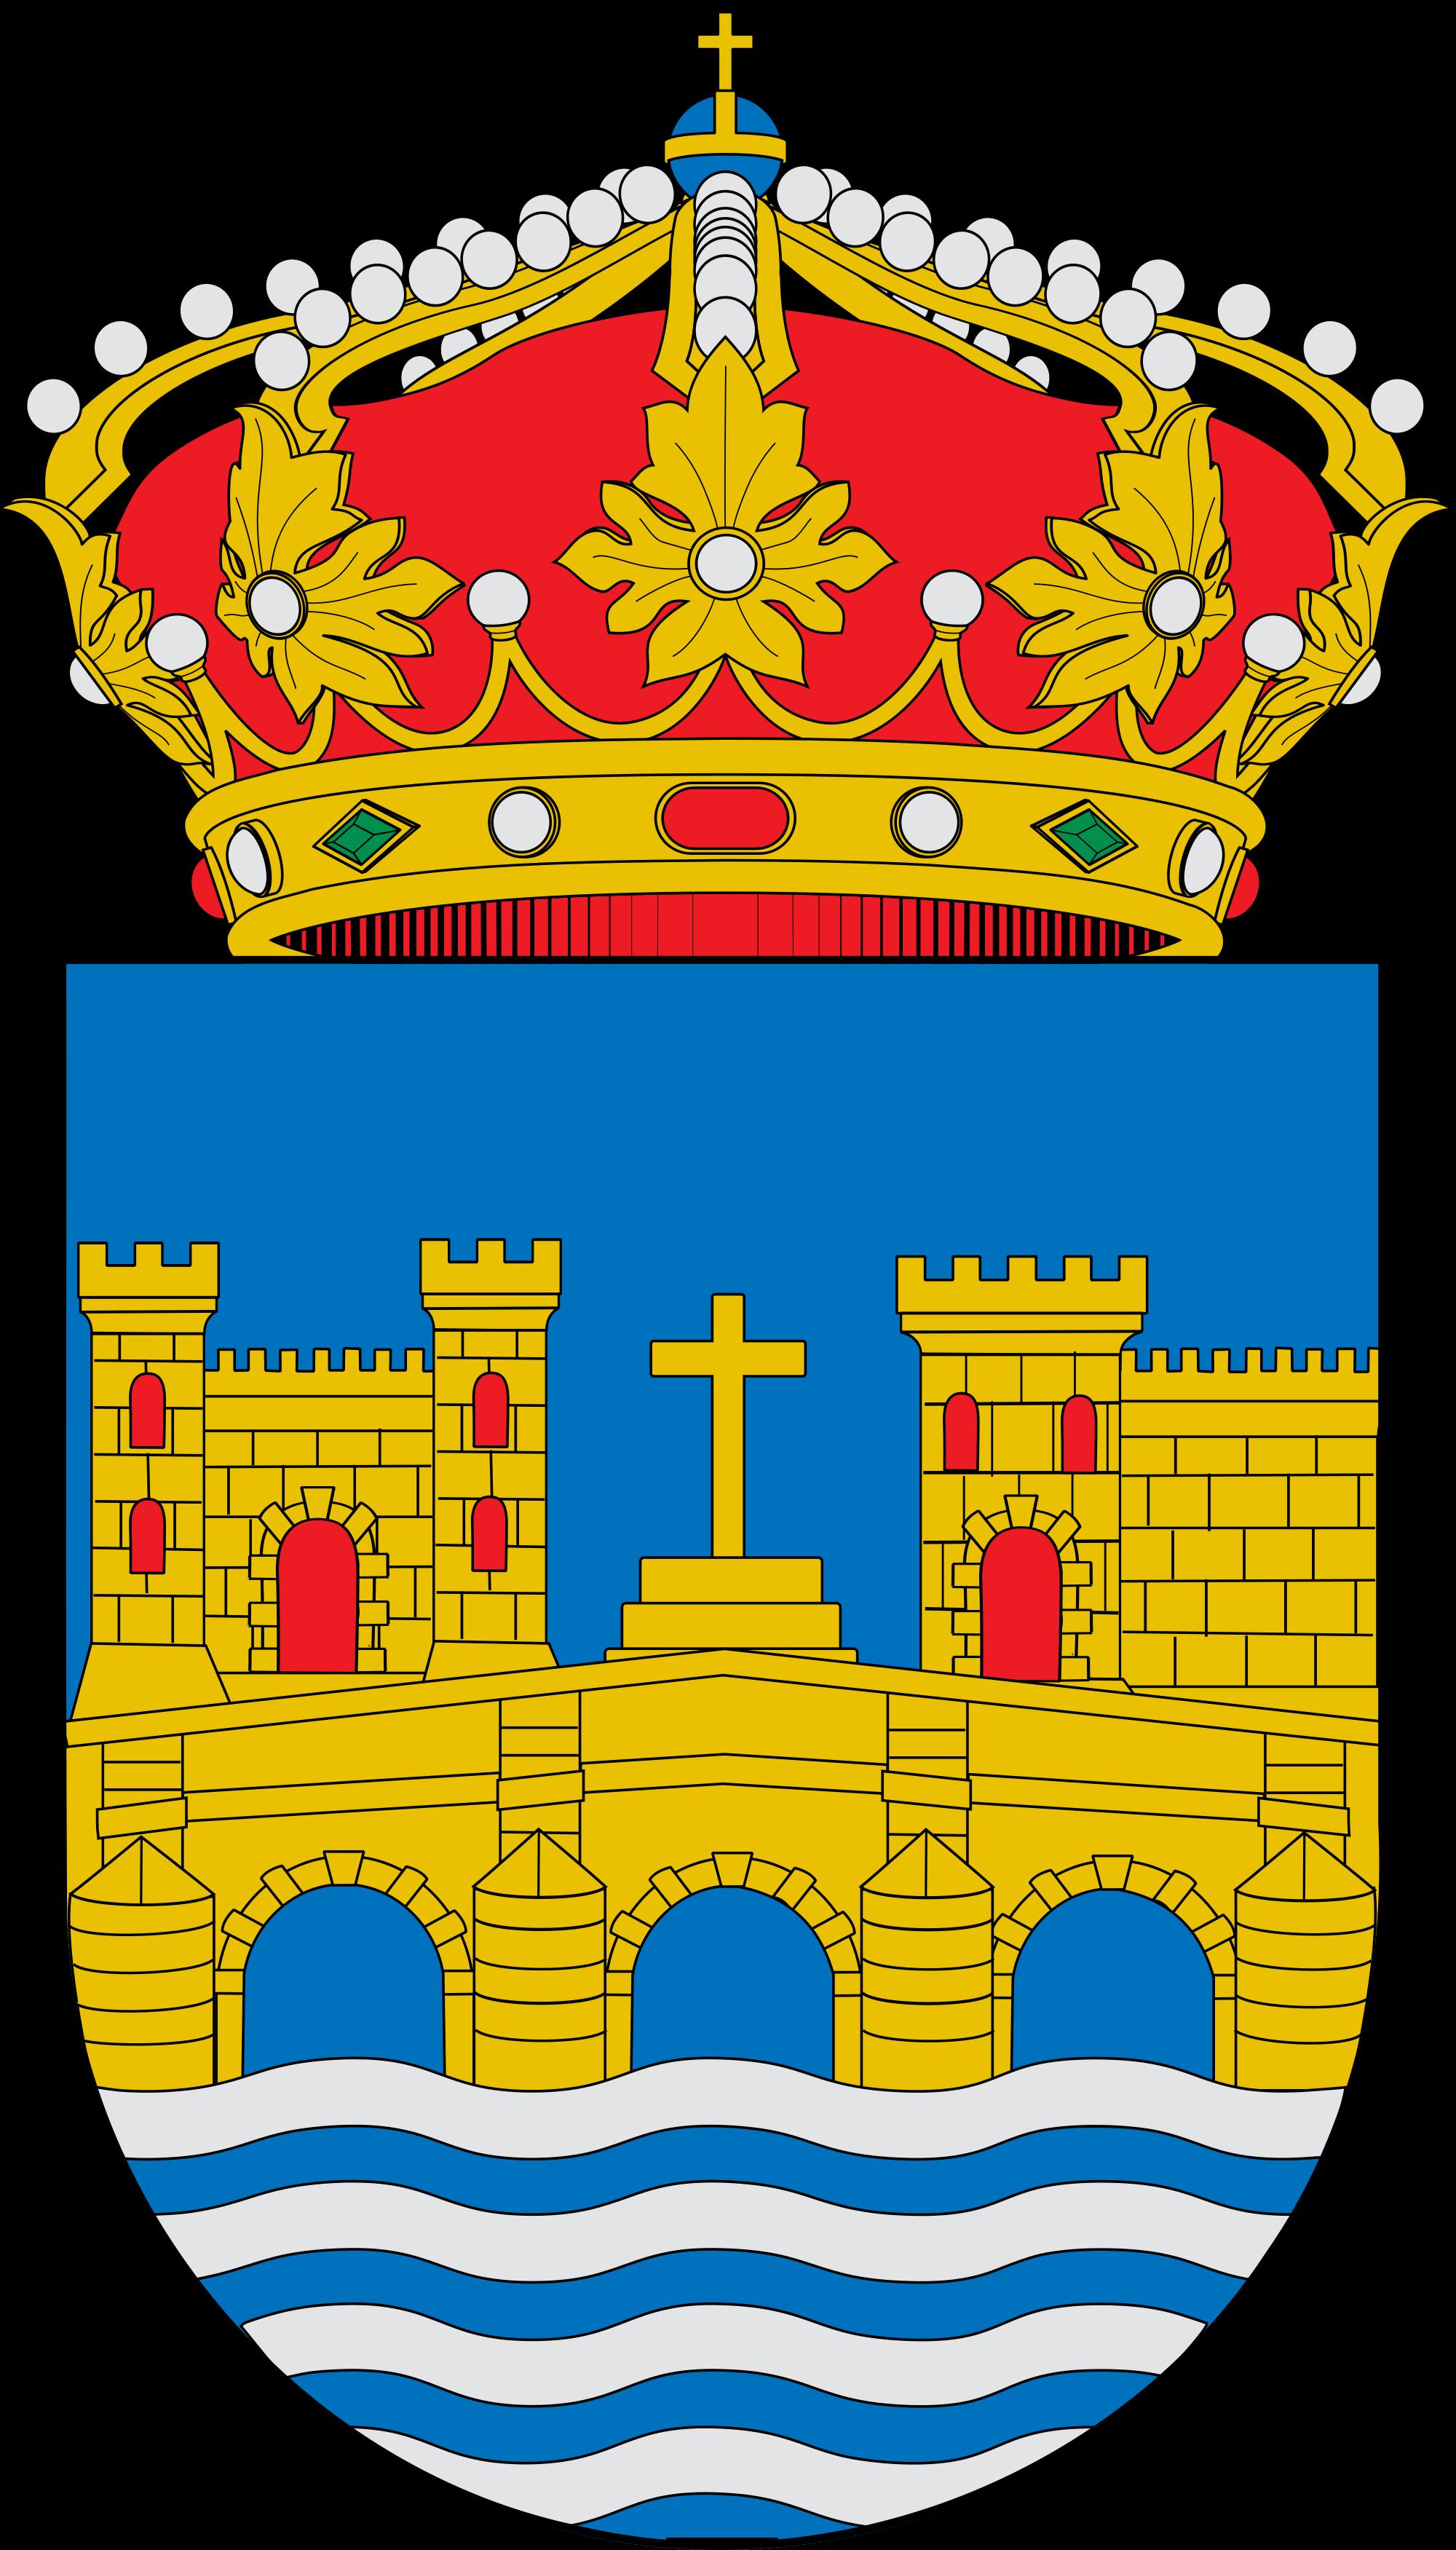 File:Escudo de Pontevedra.svg.